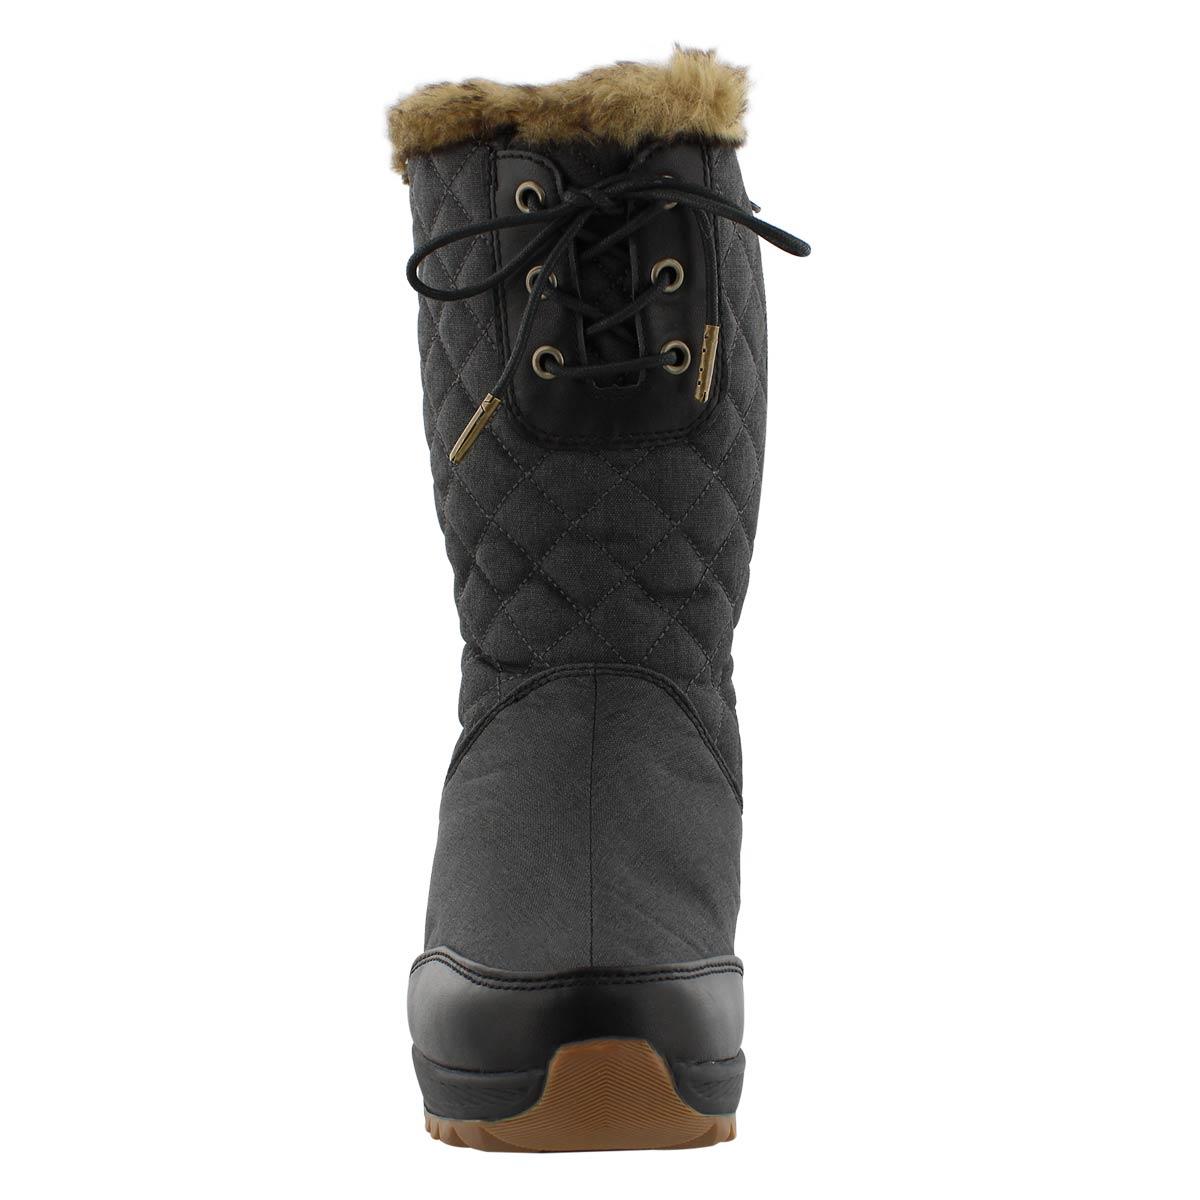 Lds PlateauZip black wtpf winter boot